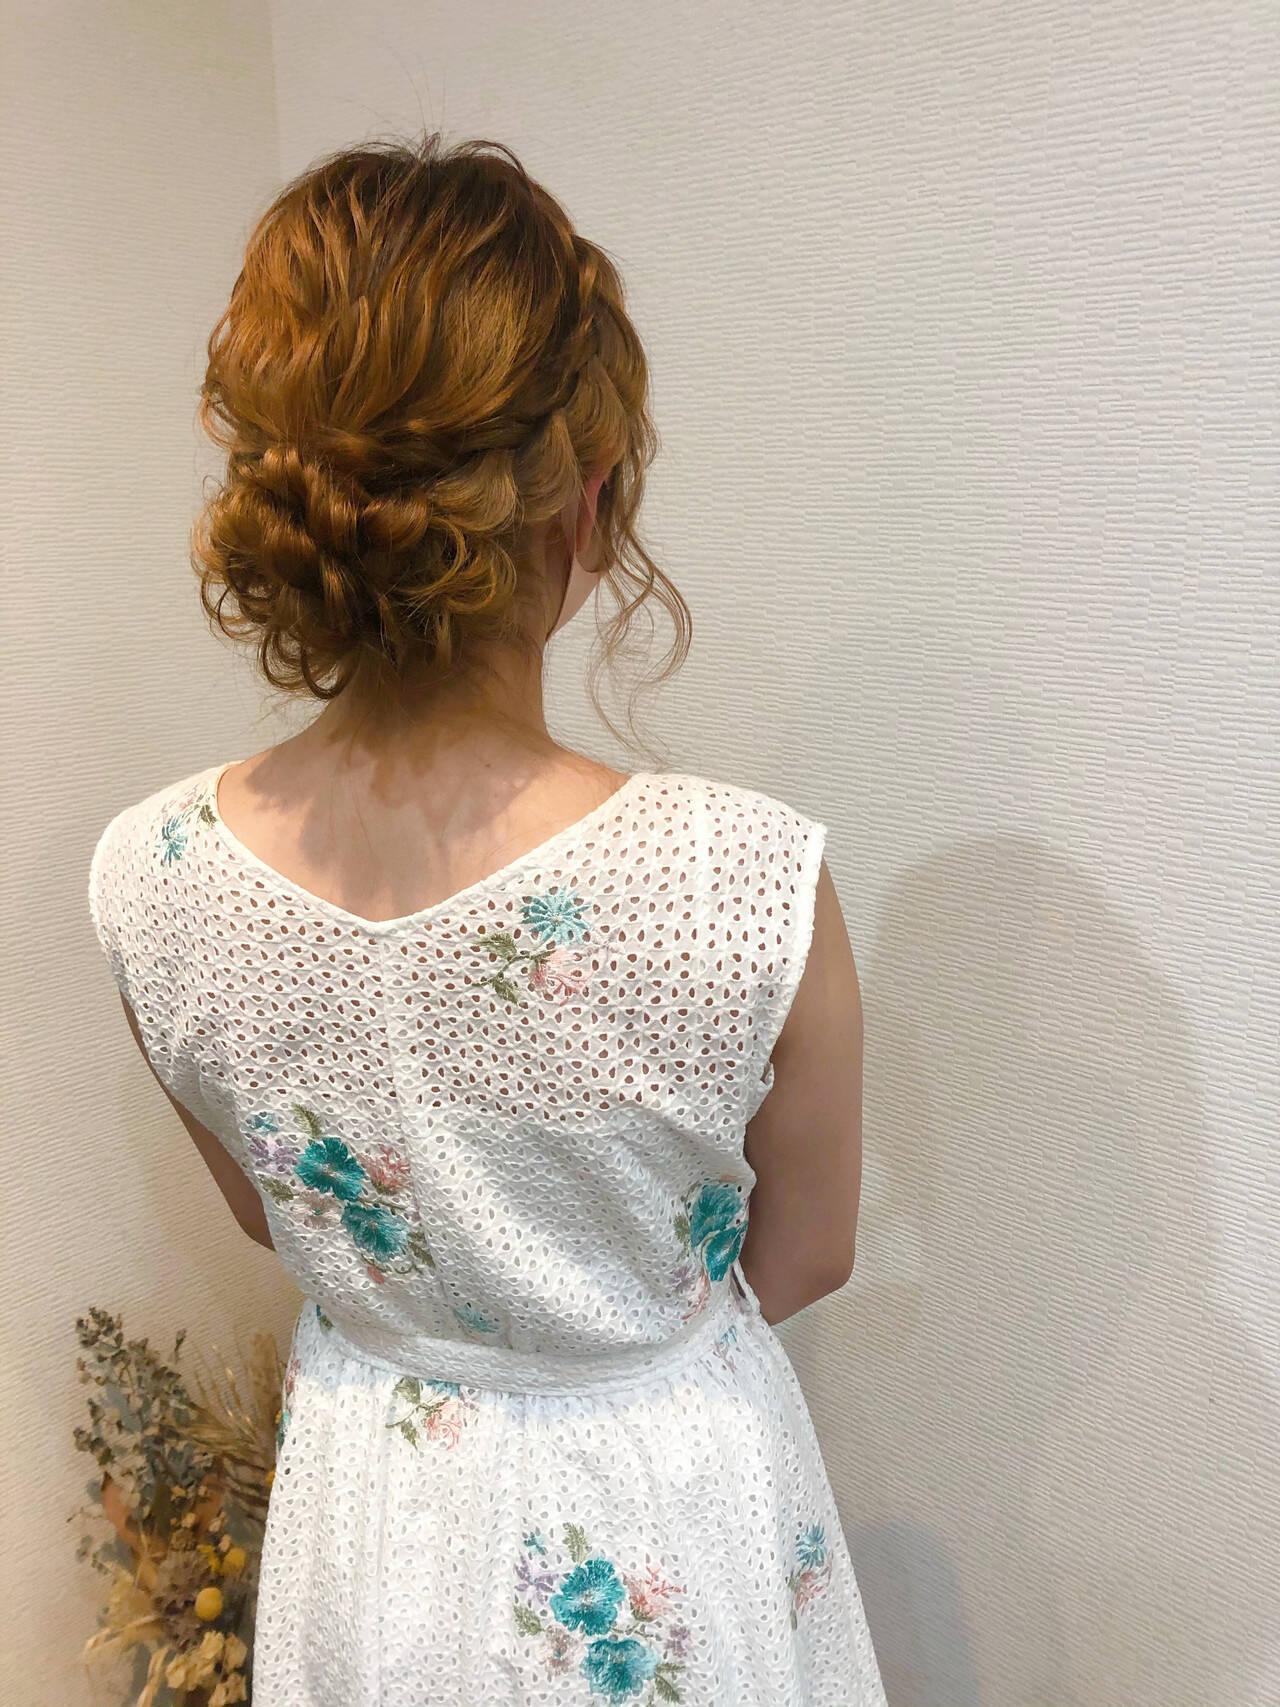 編み込みヘア ヘアアレンジ セミロング 編み込みヘアスタイルや髪型の写真・画像